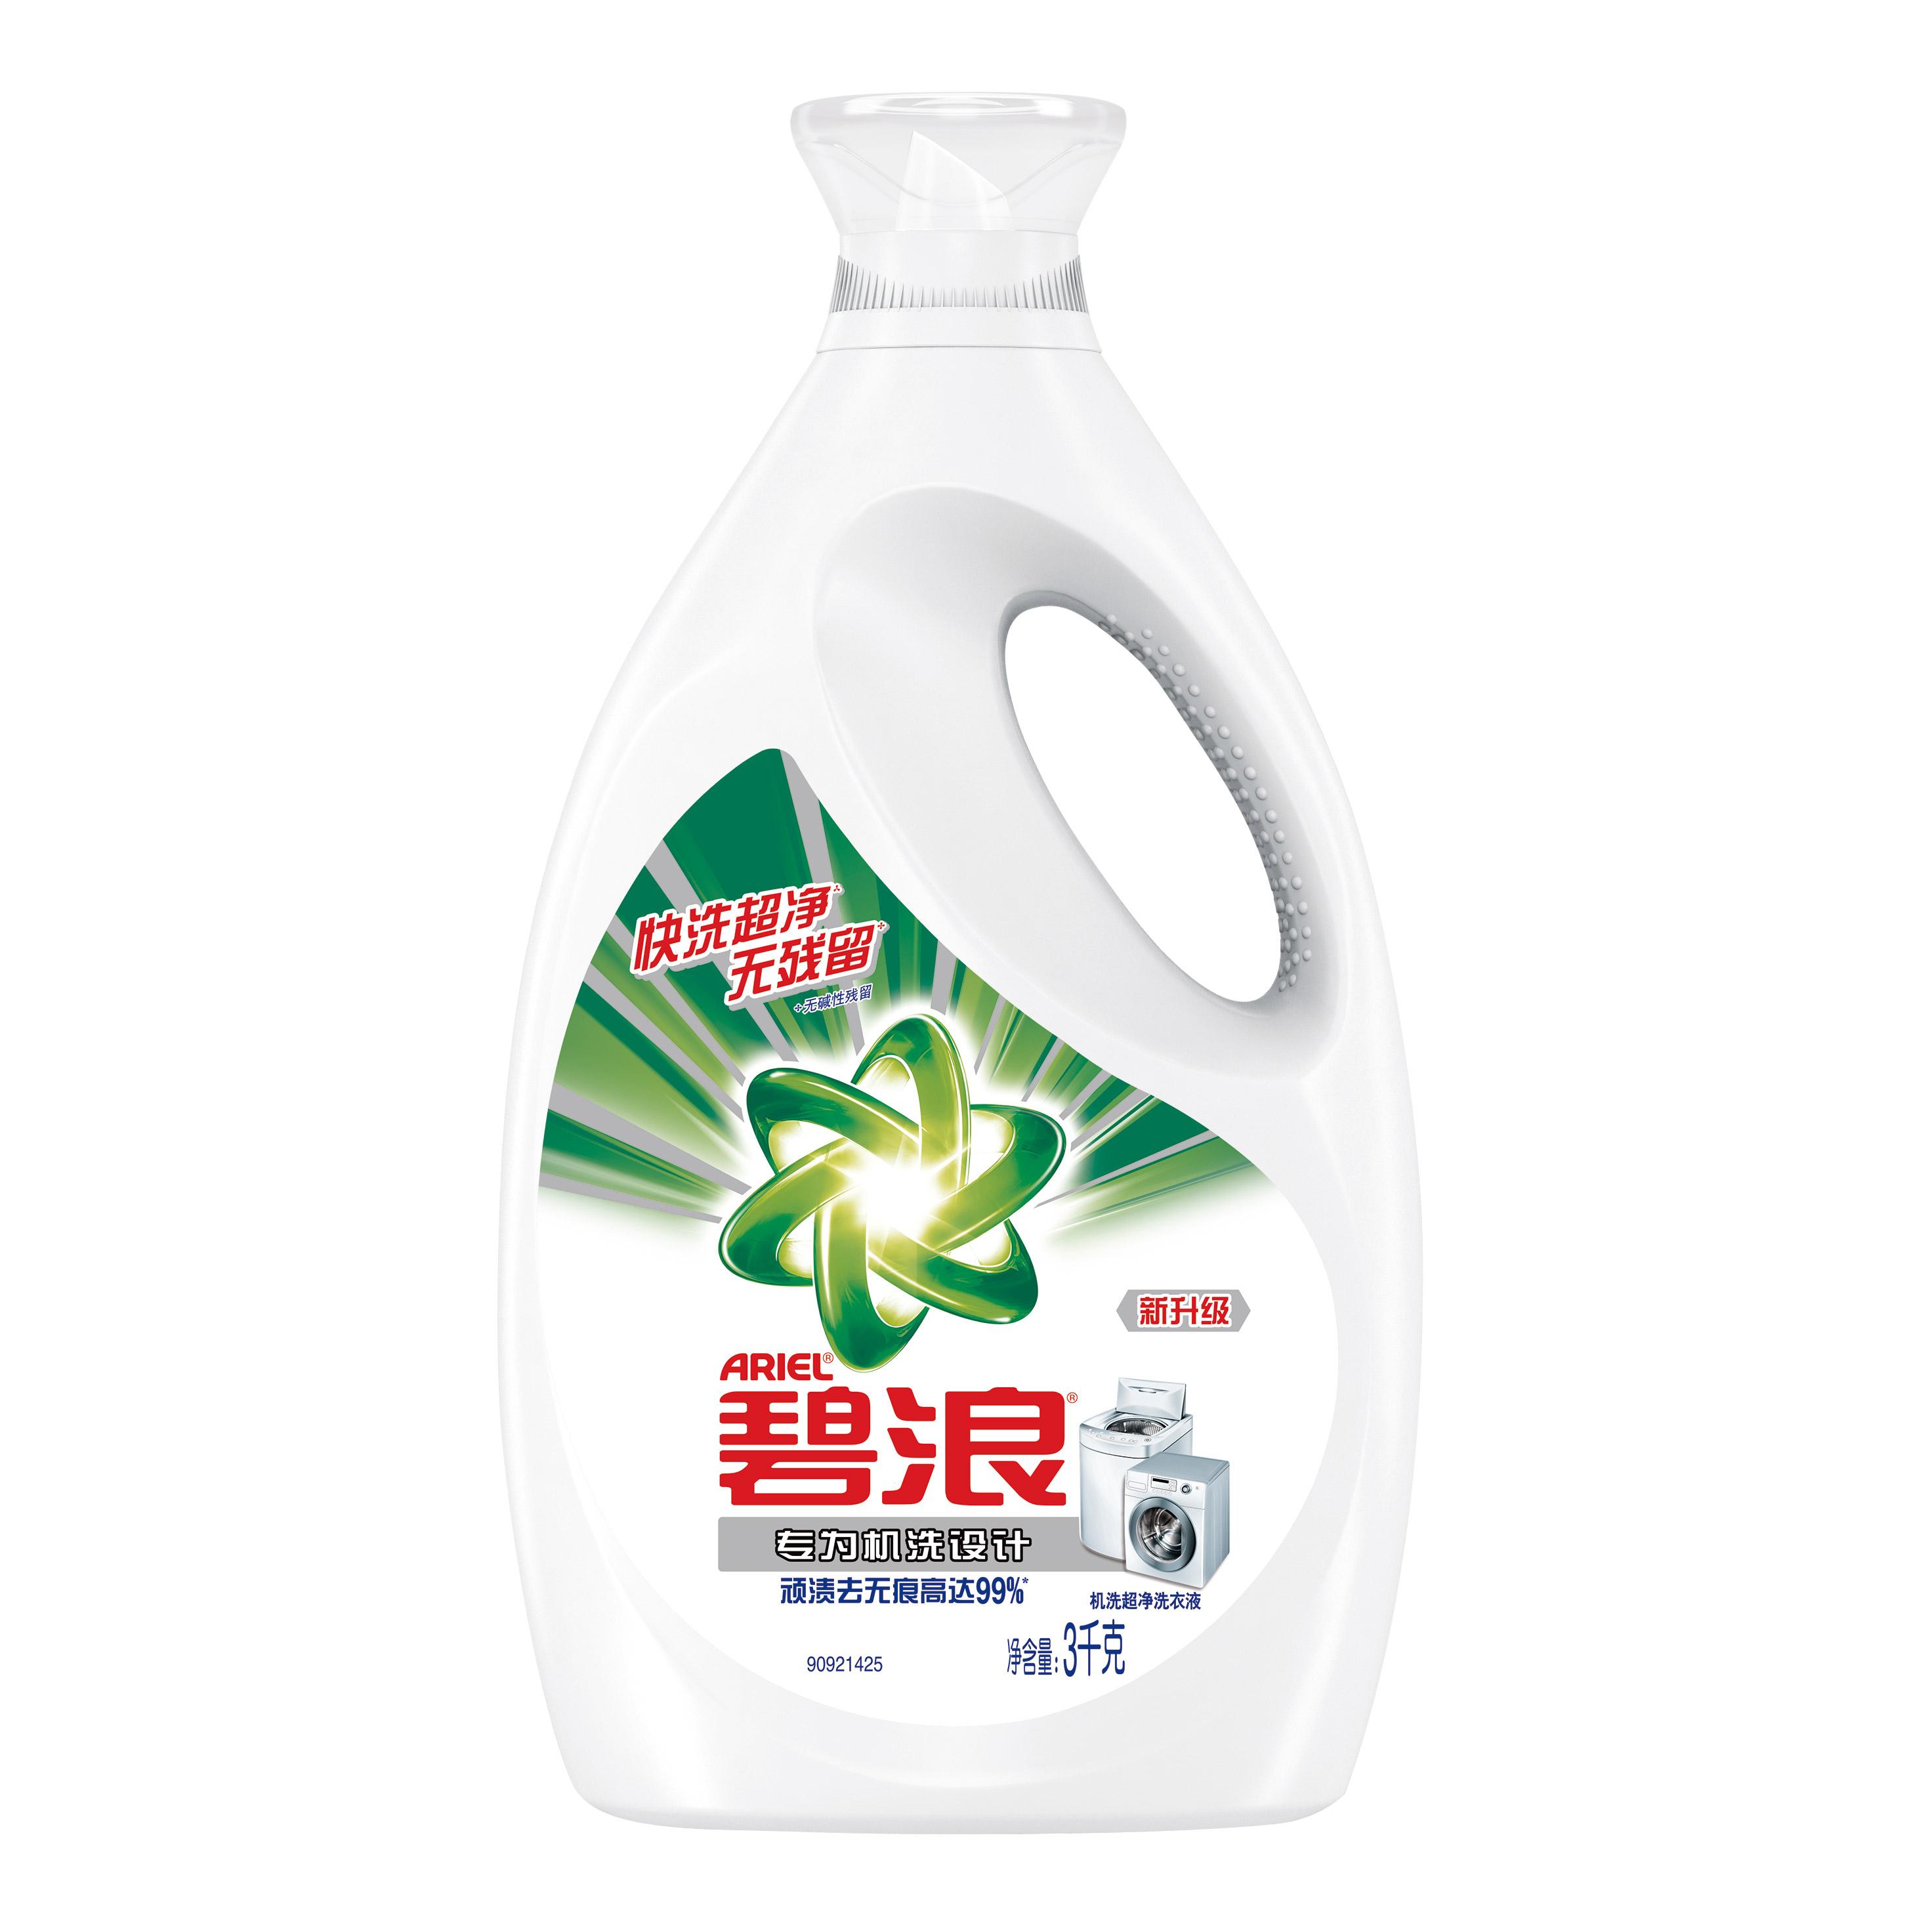 ~天貓超市~ 碧浪機洗超淨洗衣液3千克  3kg